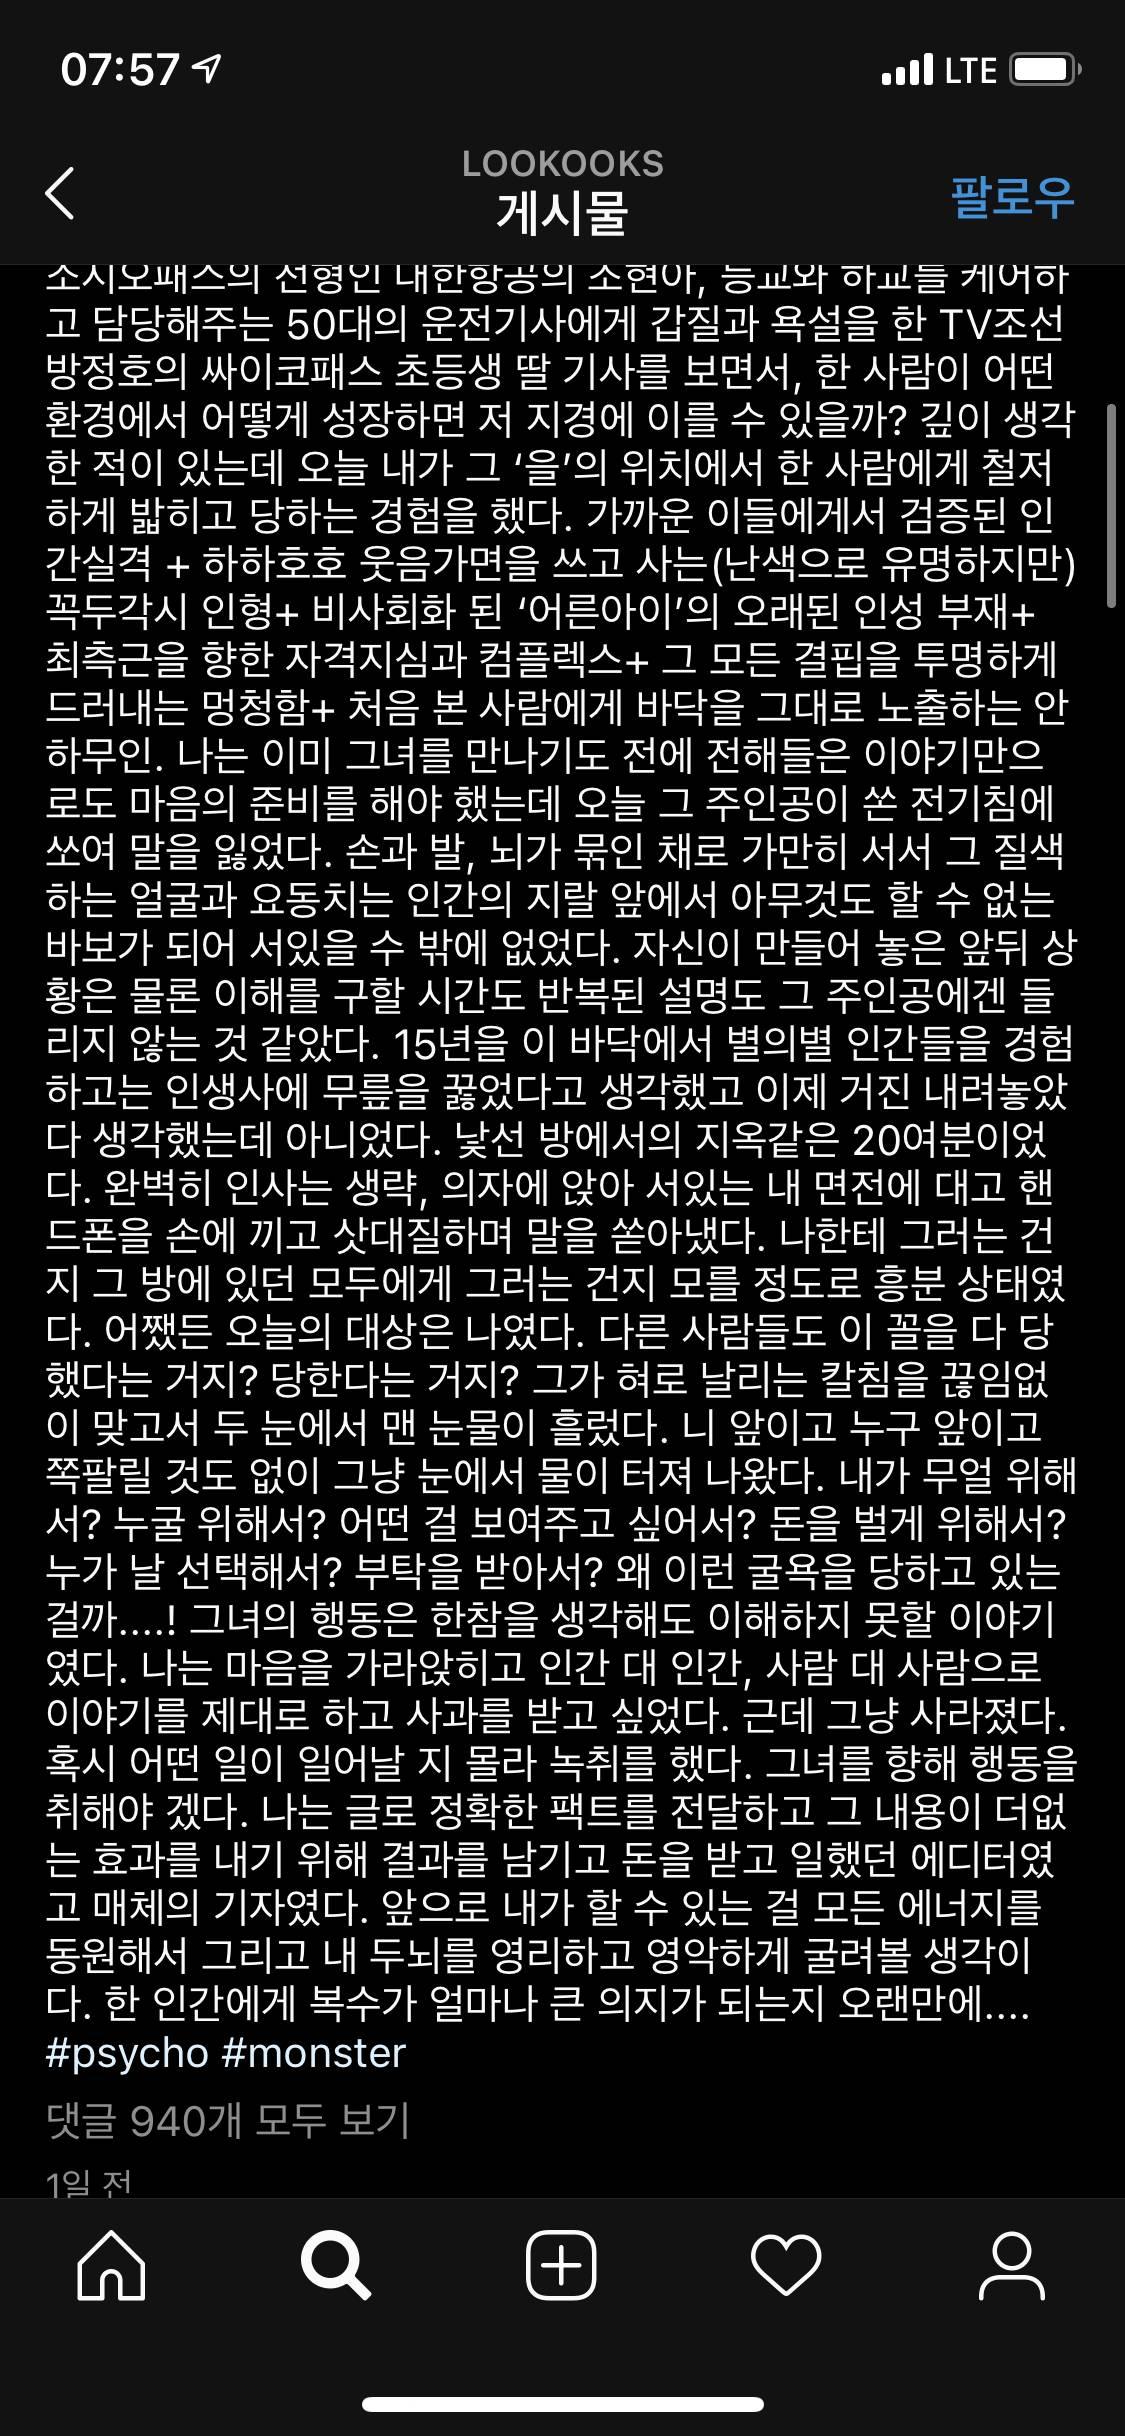 연예인 갑질 저격한 에디터, 레드벨벳인 듯 + 남초반응 | 인스티즈